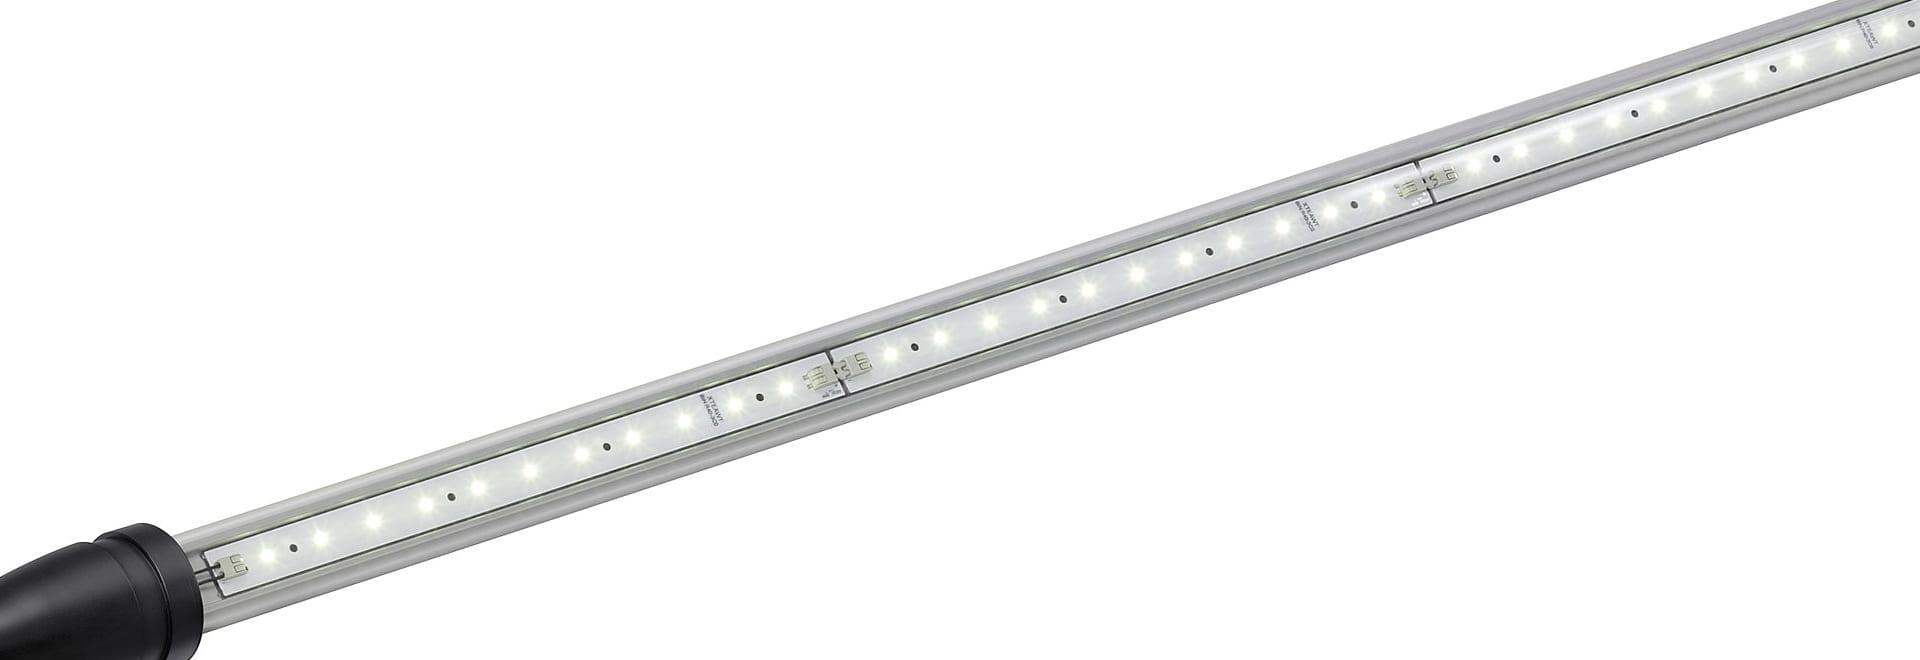 Kompakte Ex-Leuchten in innovativer Bauform mit LED